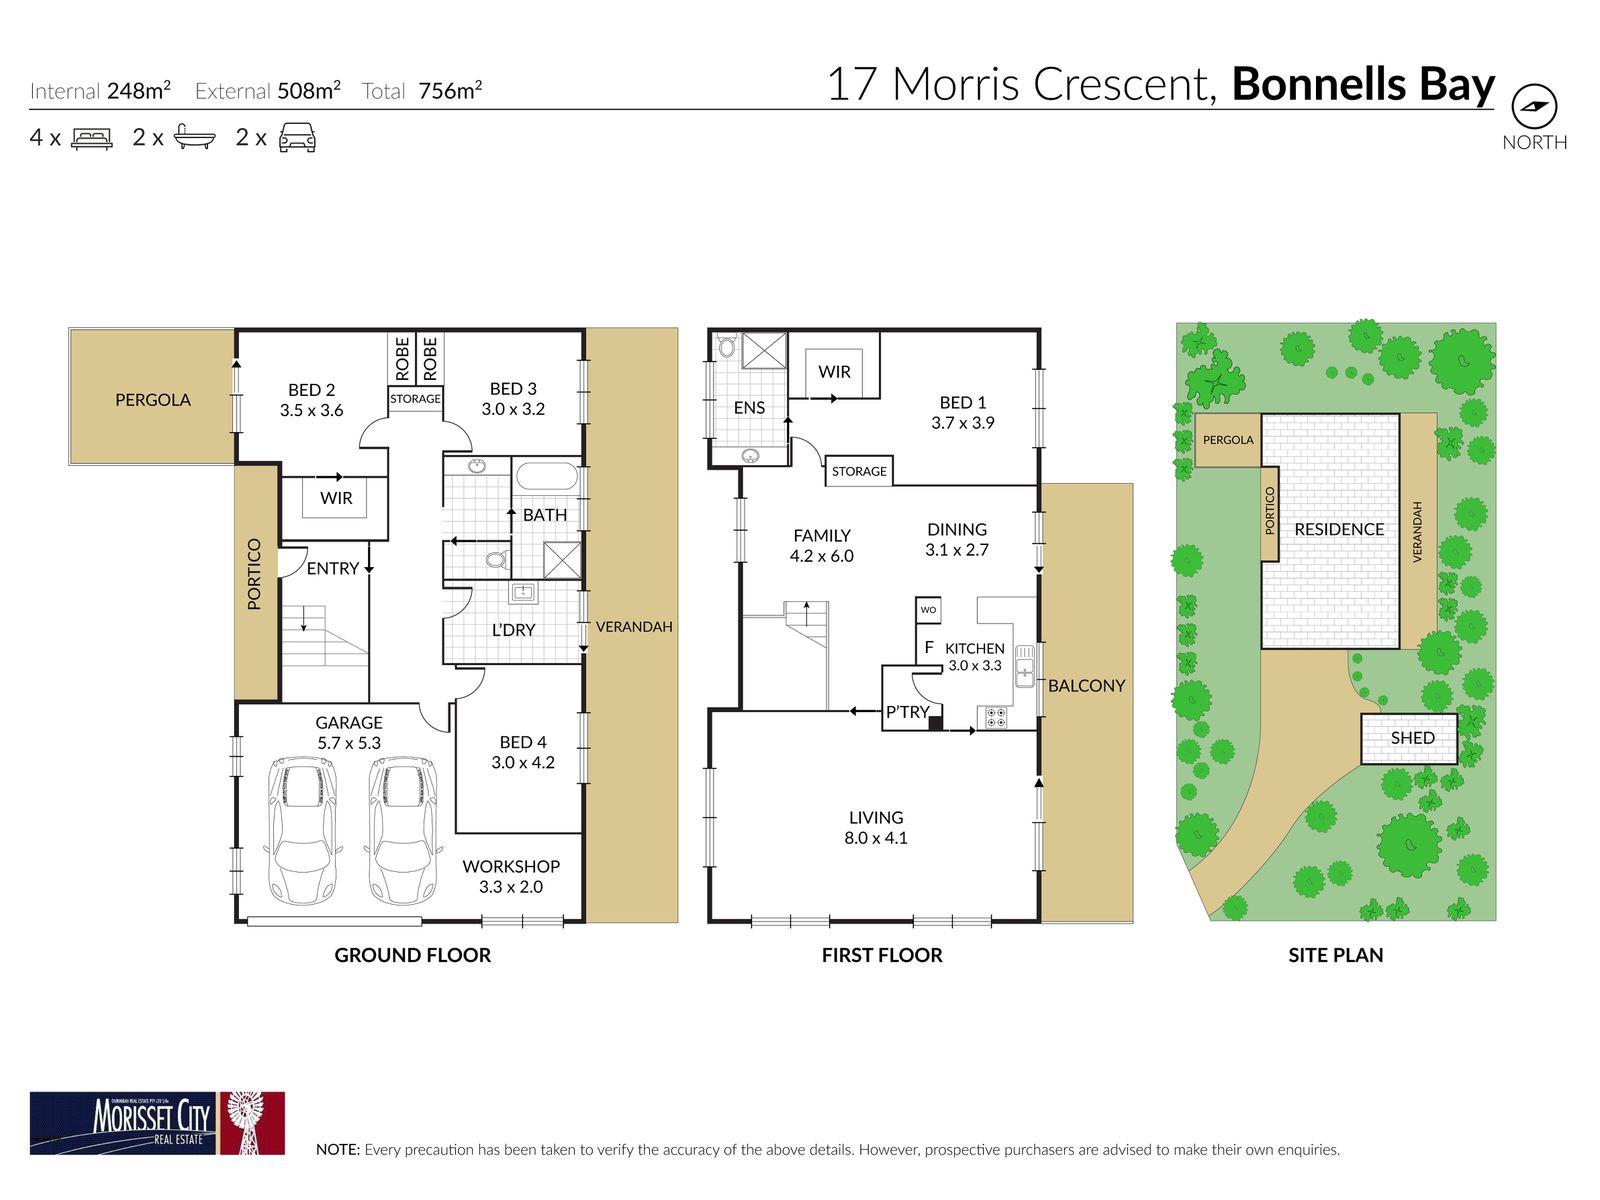 17 Morris Crescent, Bonnells Bay